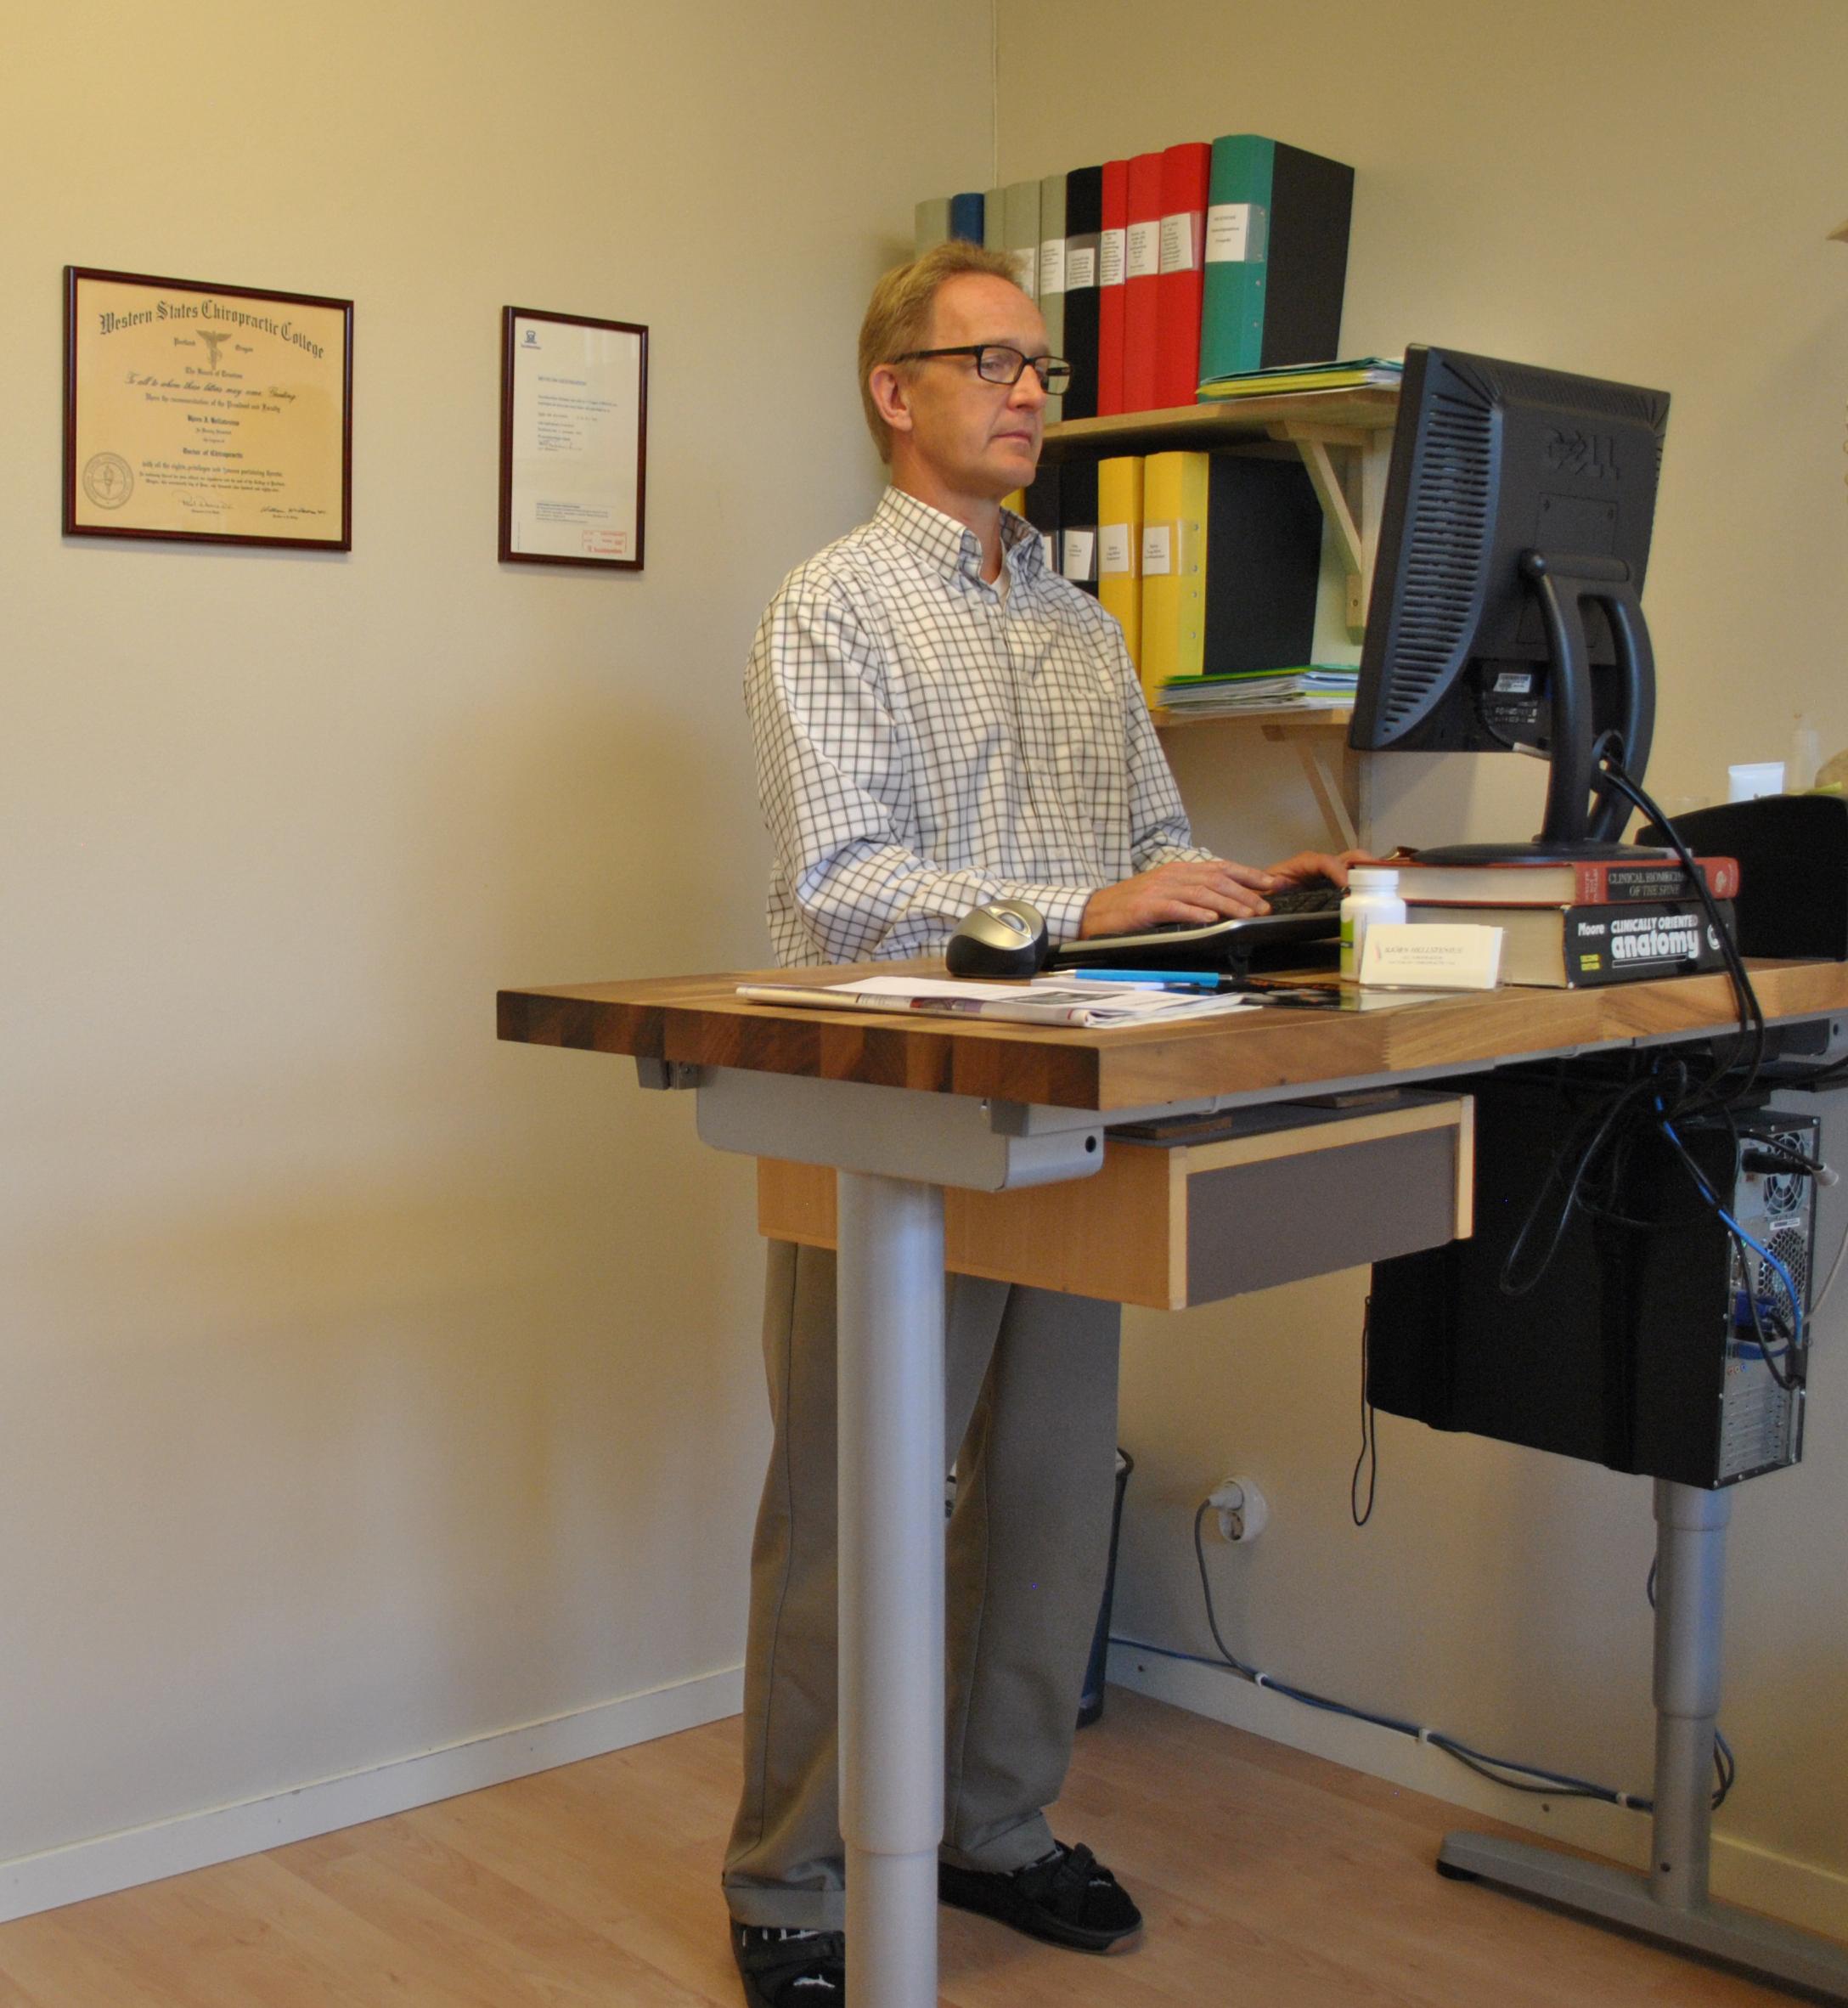 Arbets ergonomi stående